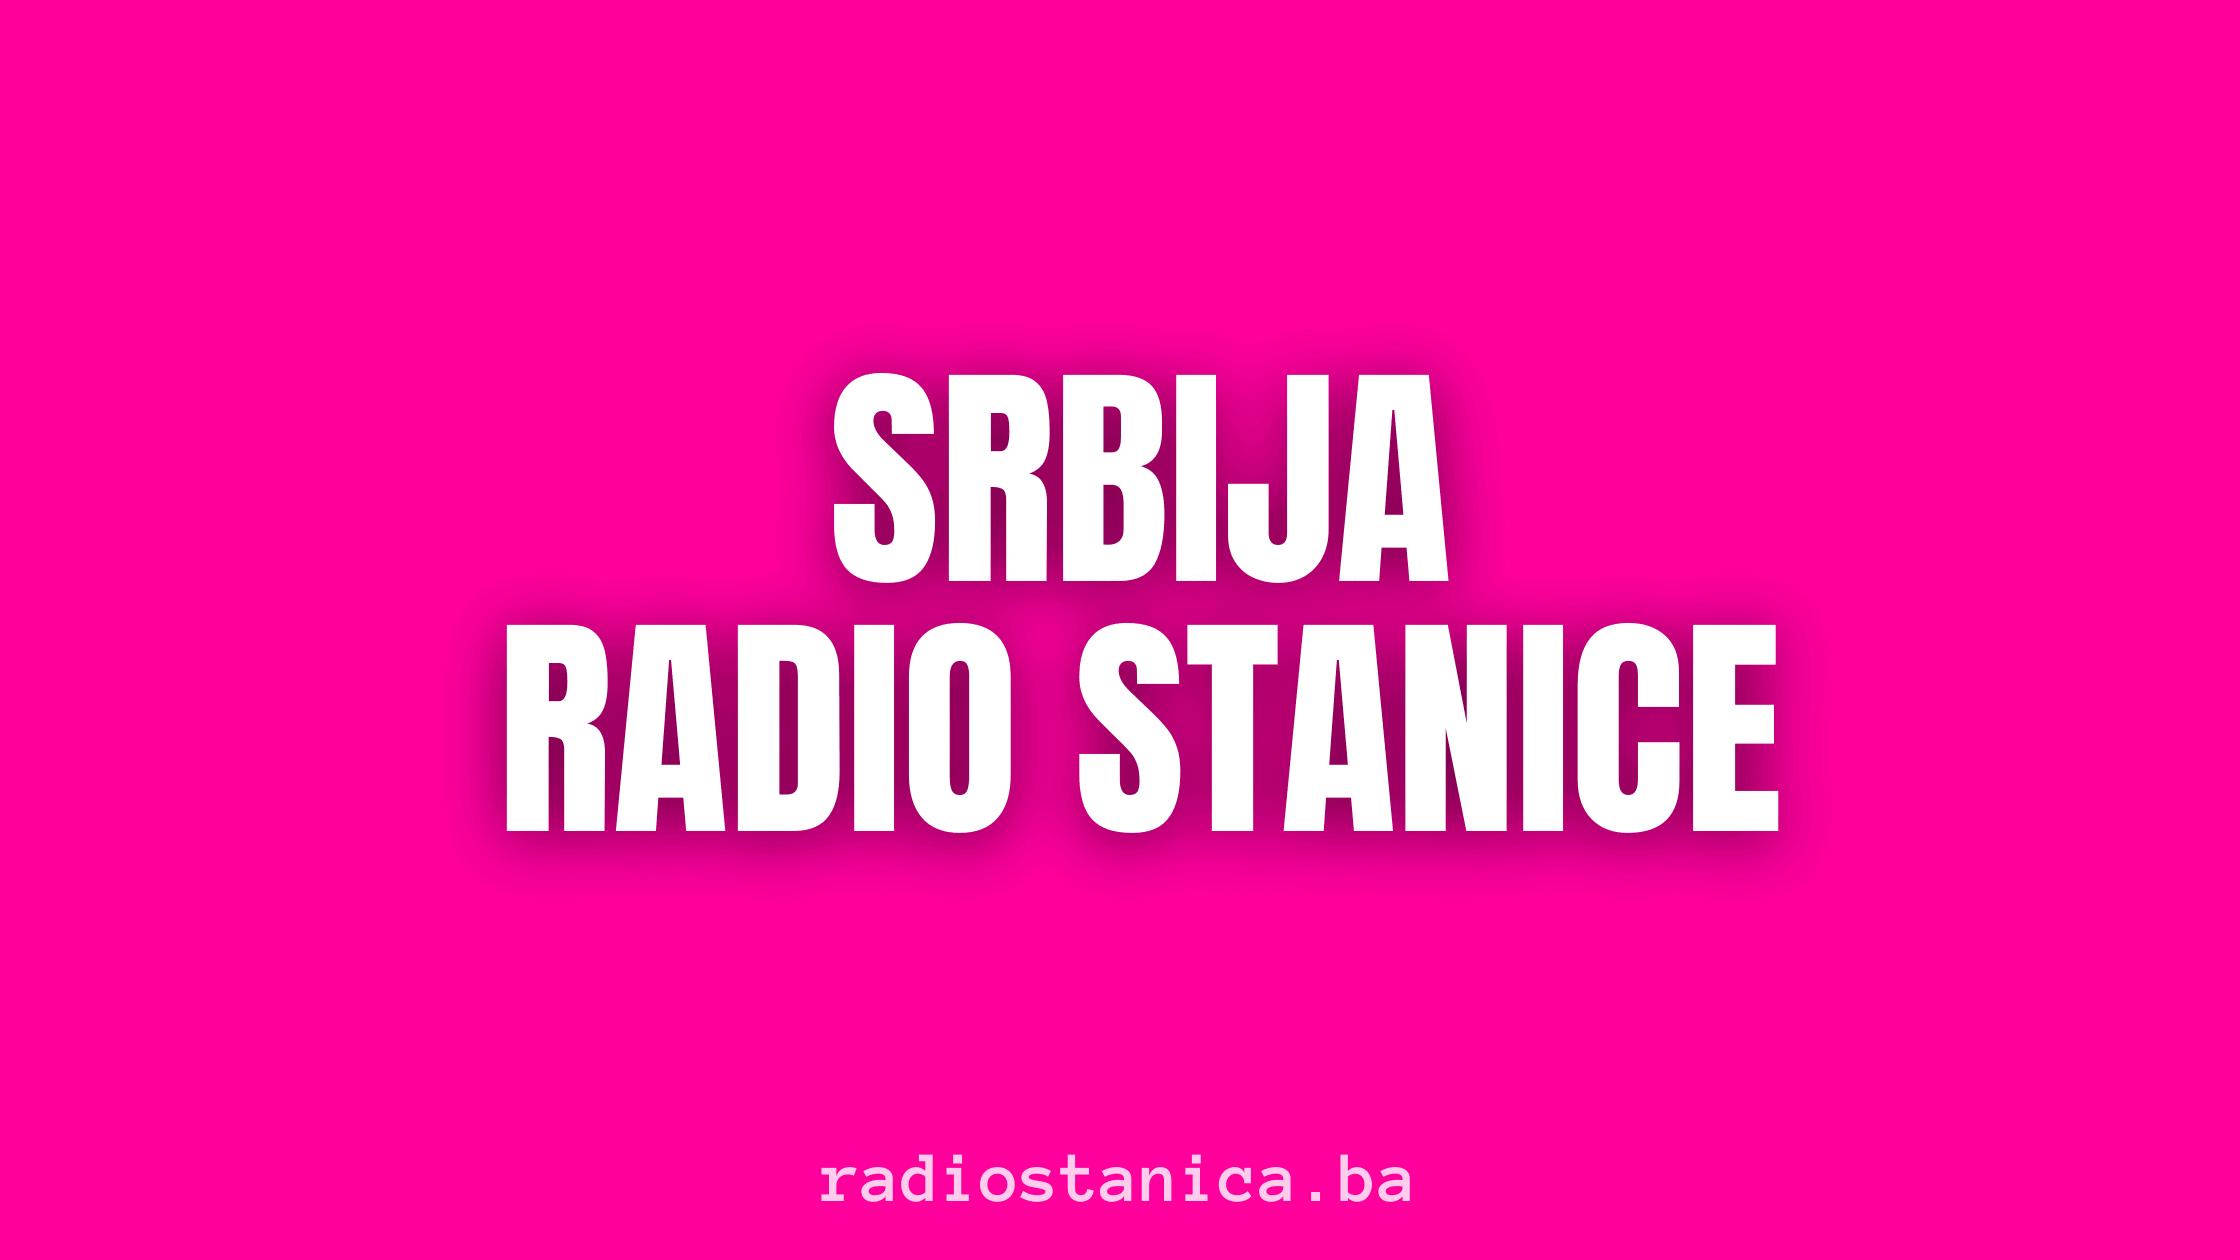 Srbija Uživo Radio Panini Radio Radio S2 Online Antena Radio Krusevac No Limit Radio Radio Ljubav Bum Bum Radio Uživo